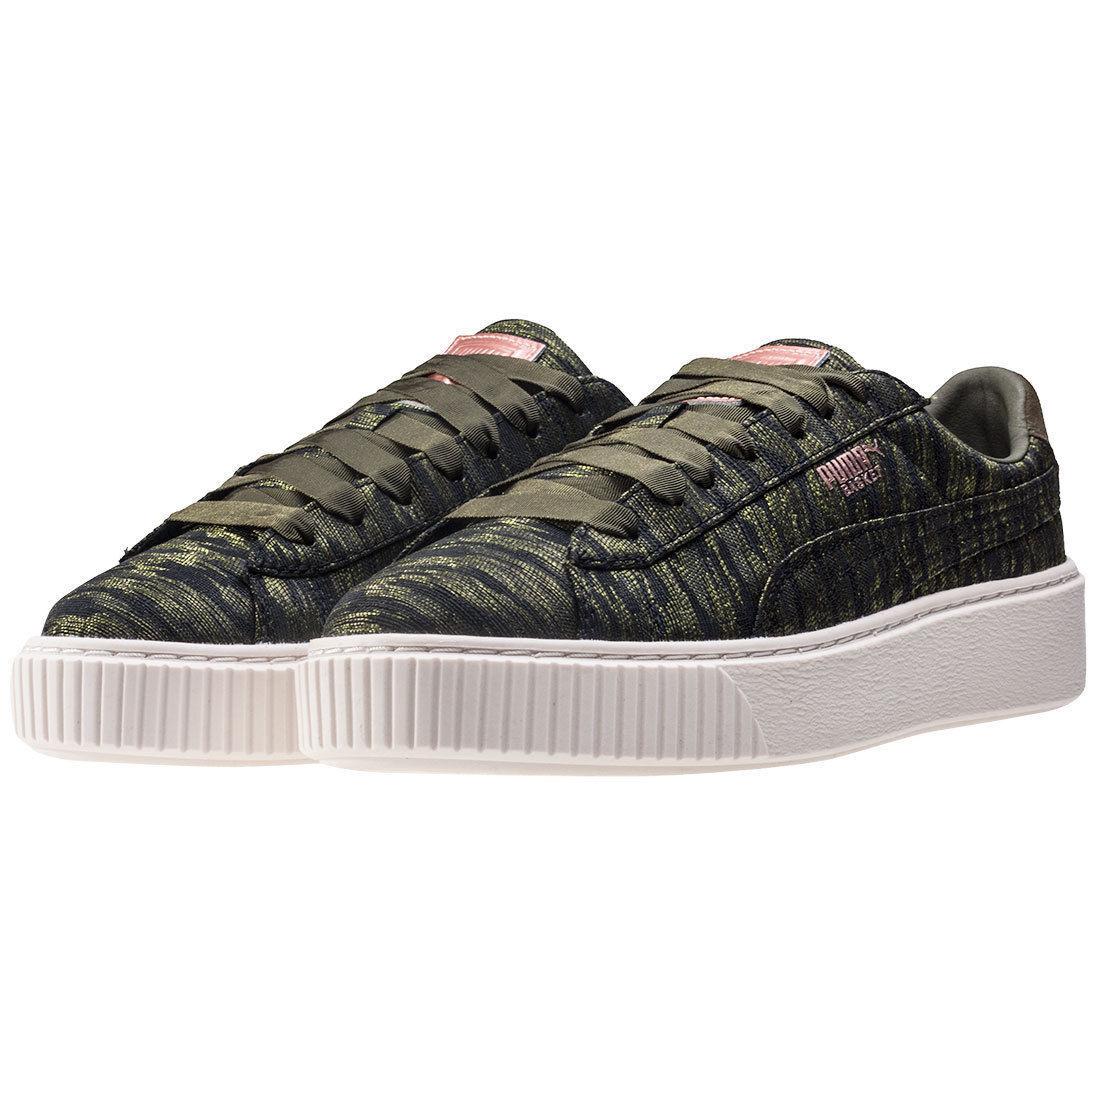 Puma Cesta 1.5    Plataforma Zapatillas Zapatos para mujeres de cuerda de terciopelo Oliva 364092-01 Talla 8.5  60% de descuento